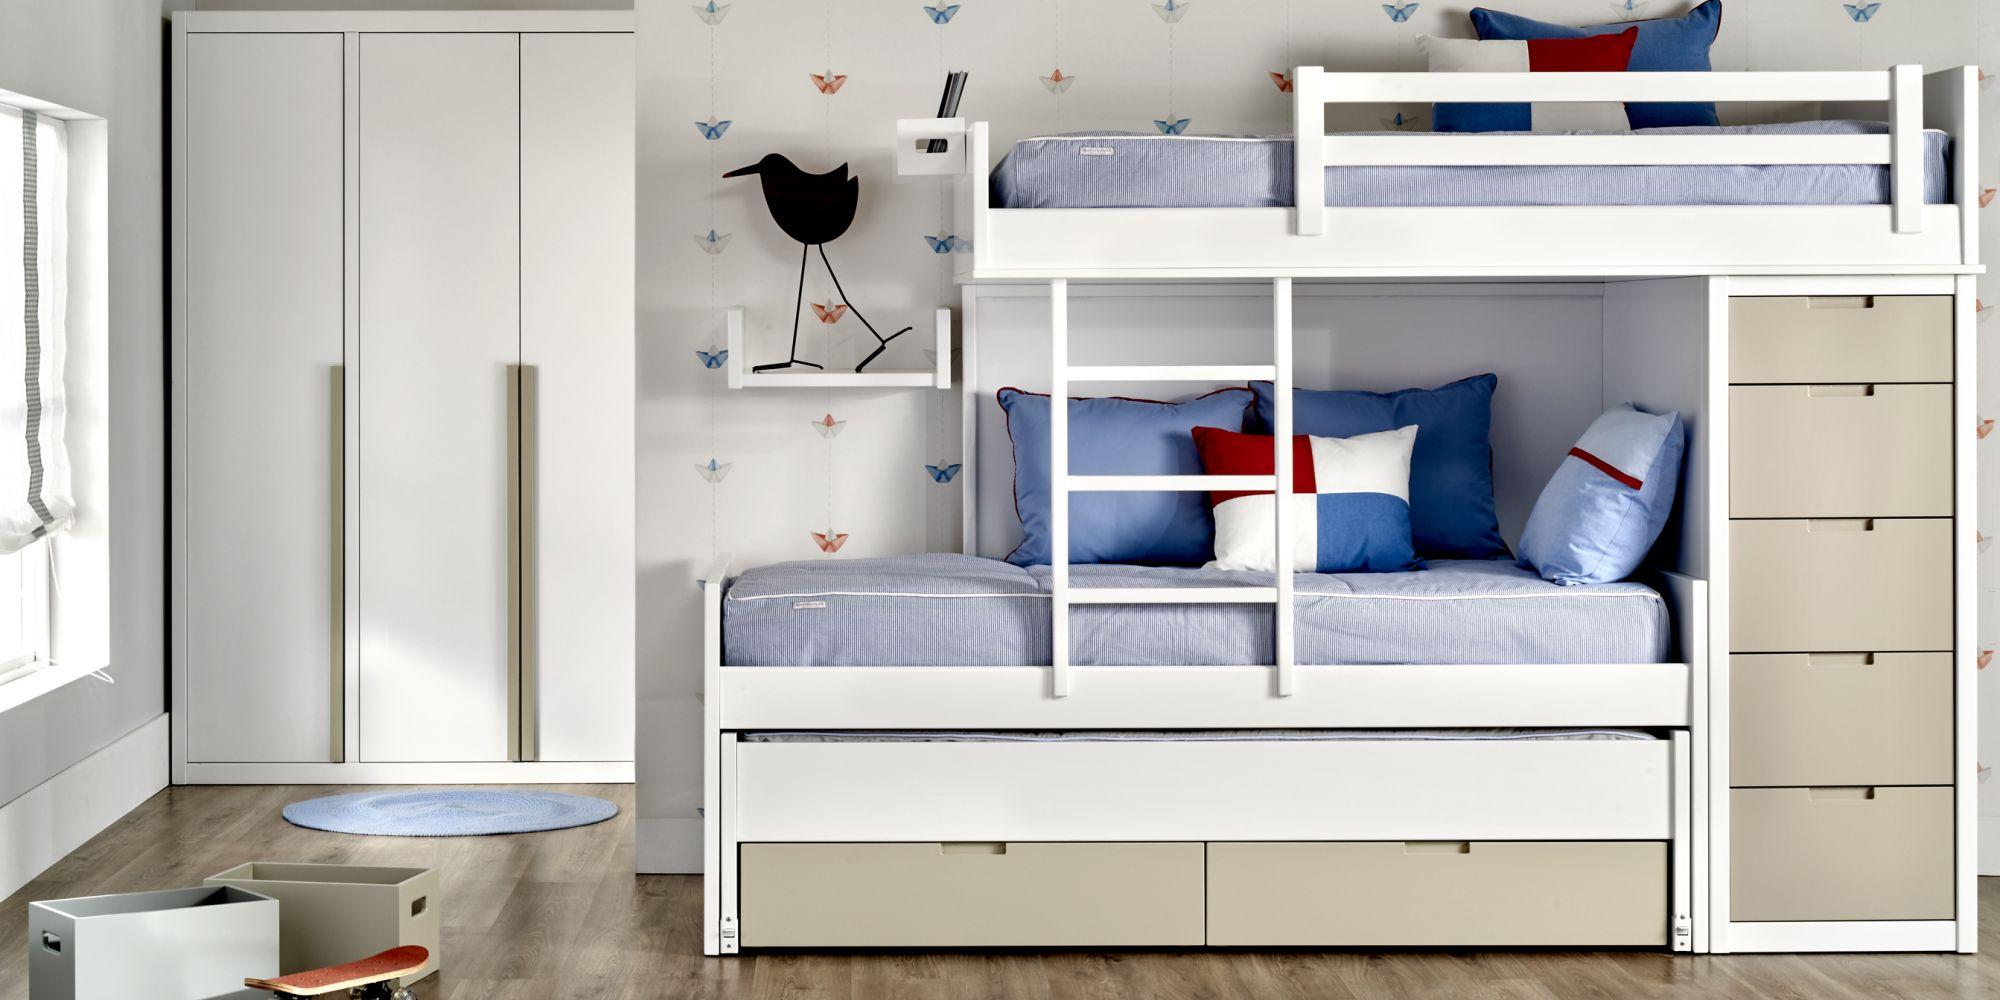 Tren con 2 camas, chiffonier y armario, ideal para habitación infantil | Mueble Infantil